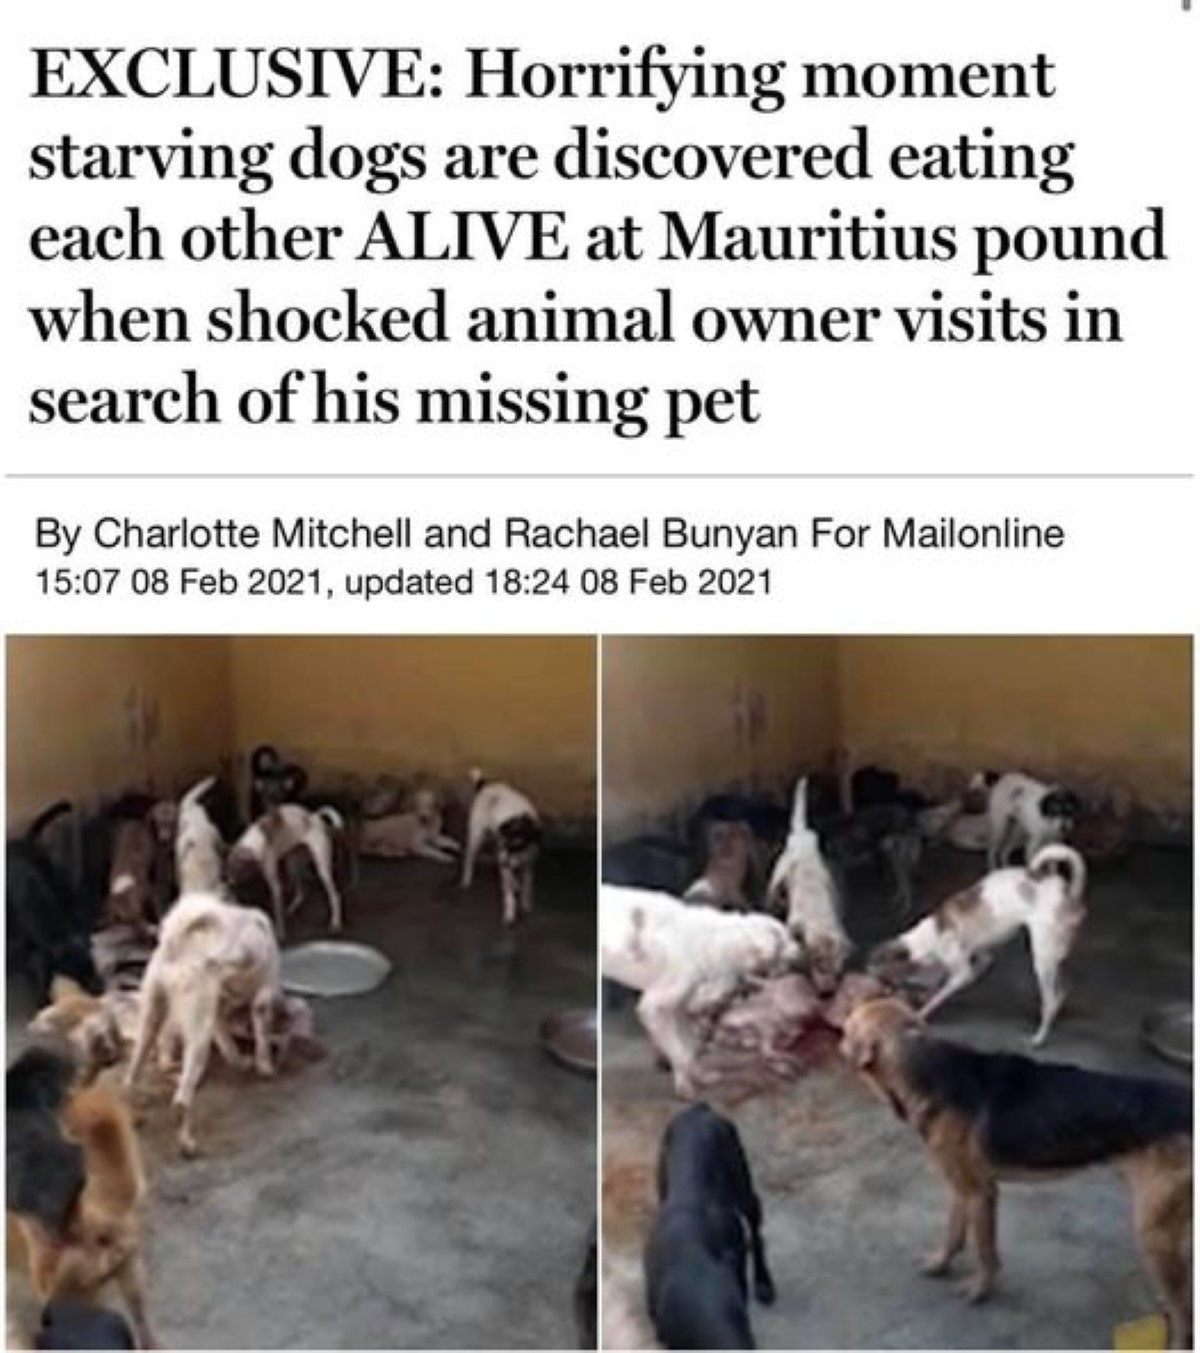 Humane Society International Mauritius envoie une vidéo au Daily Mail, de chiens affamés de la MSAW